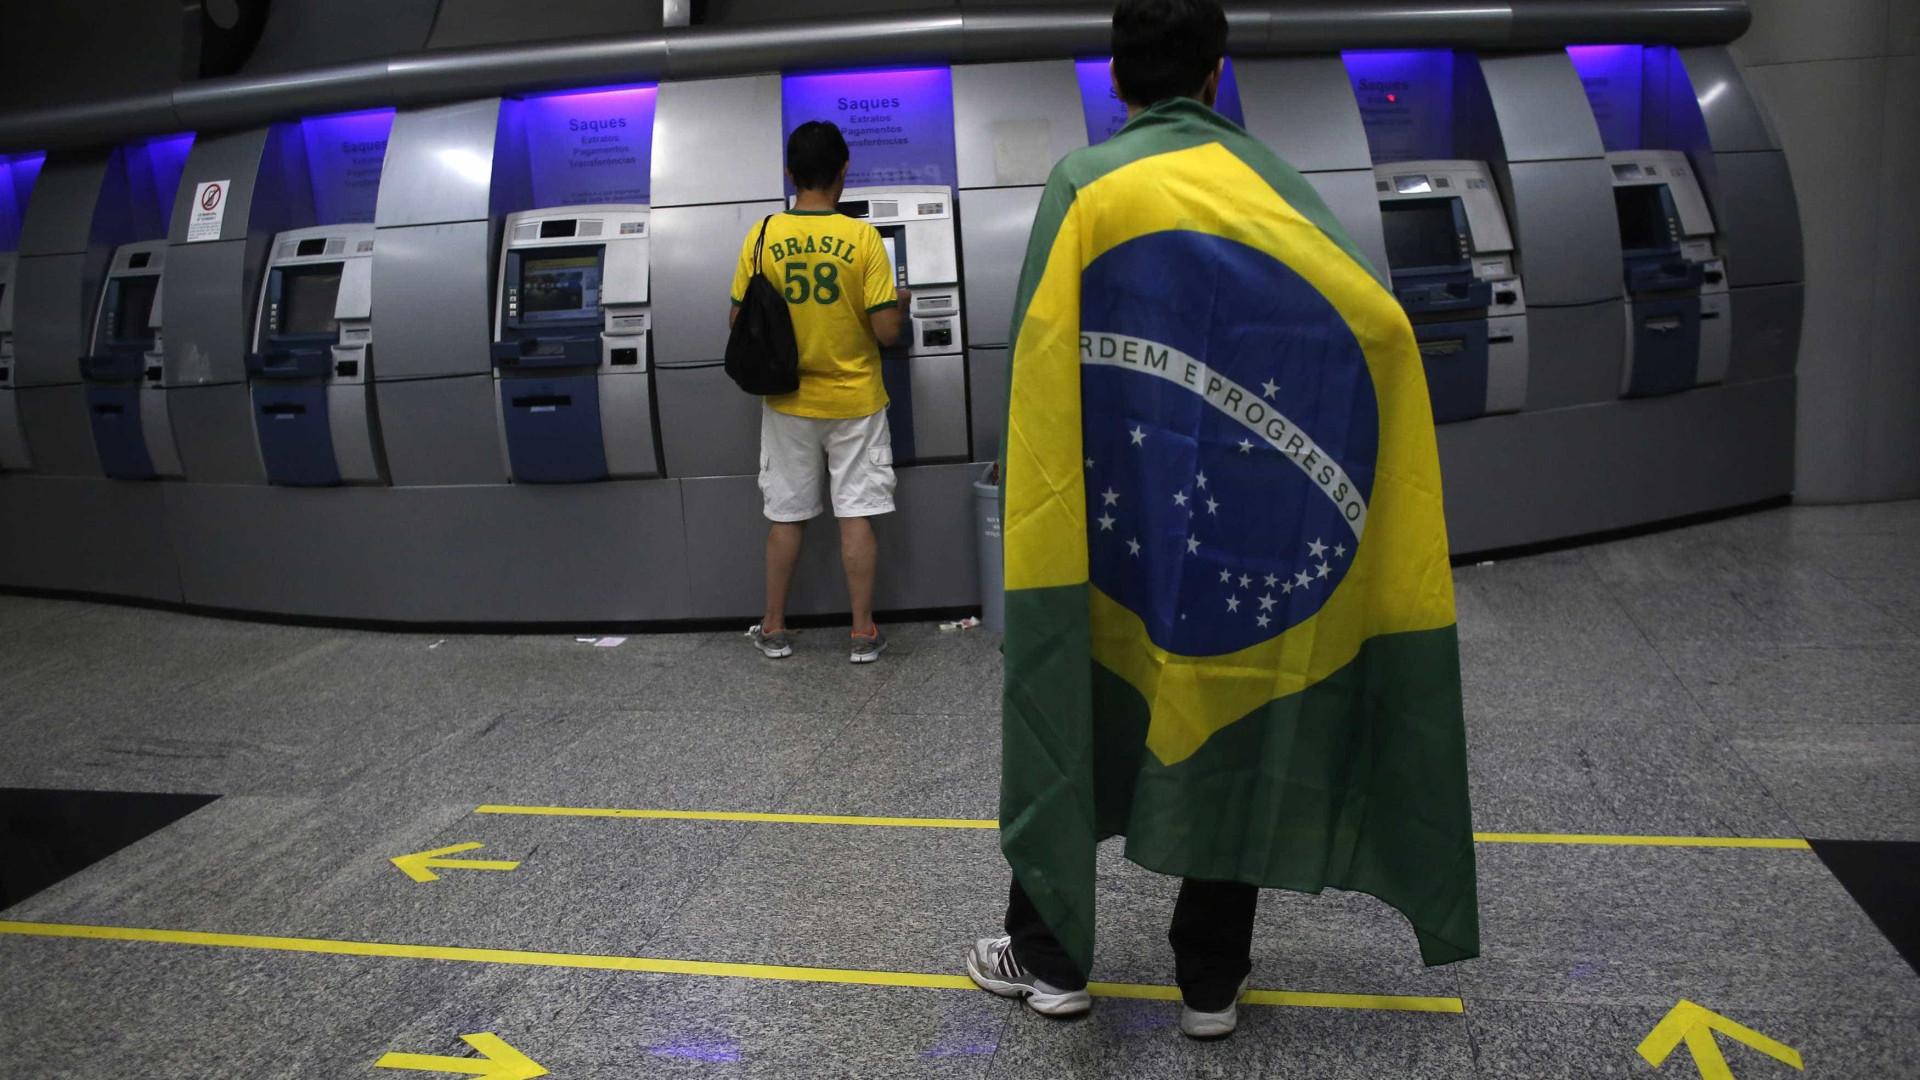 Ouriçados com dinheiro do FGTS, bancos preparam linha de crédito